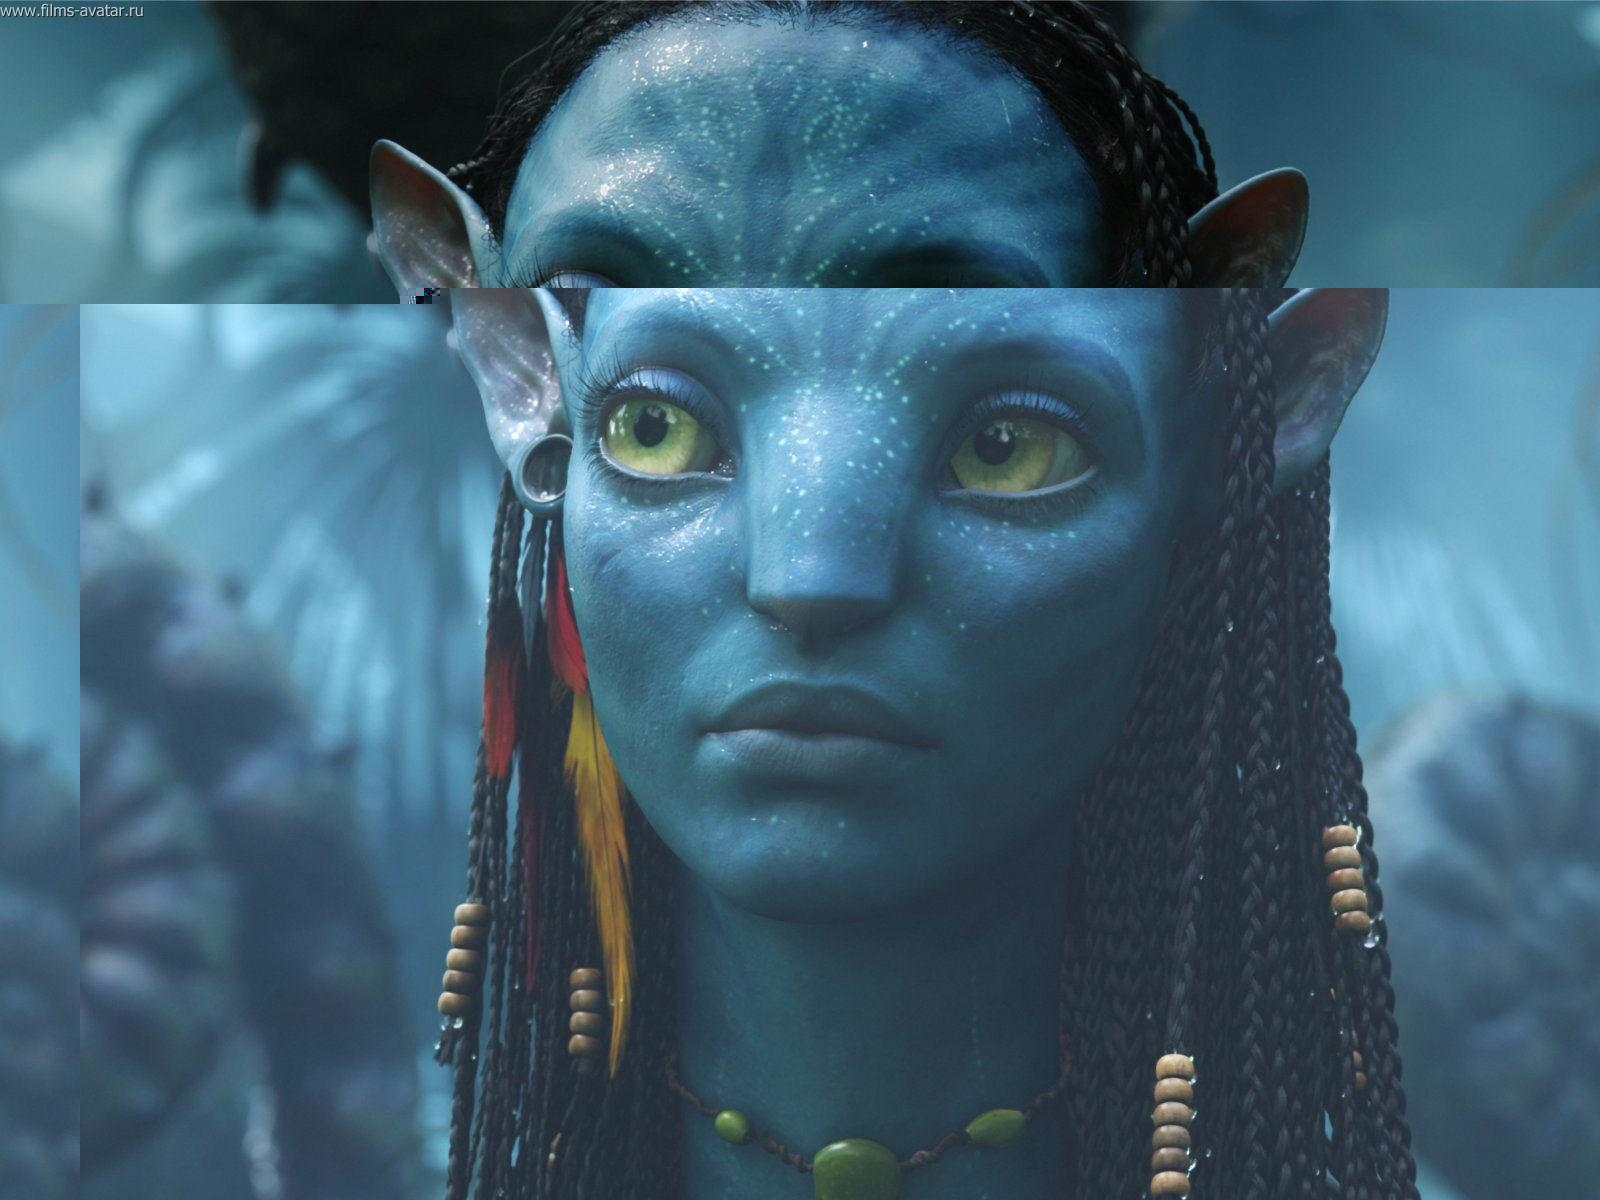 скачать фото обои Аватар / Avatar 2009 ...: www.films-avatar.ru/oboi